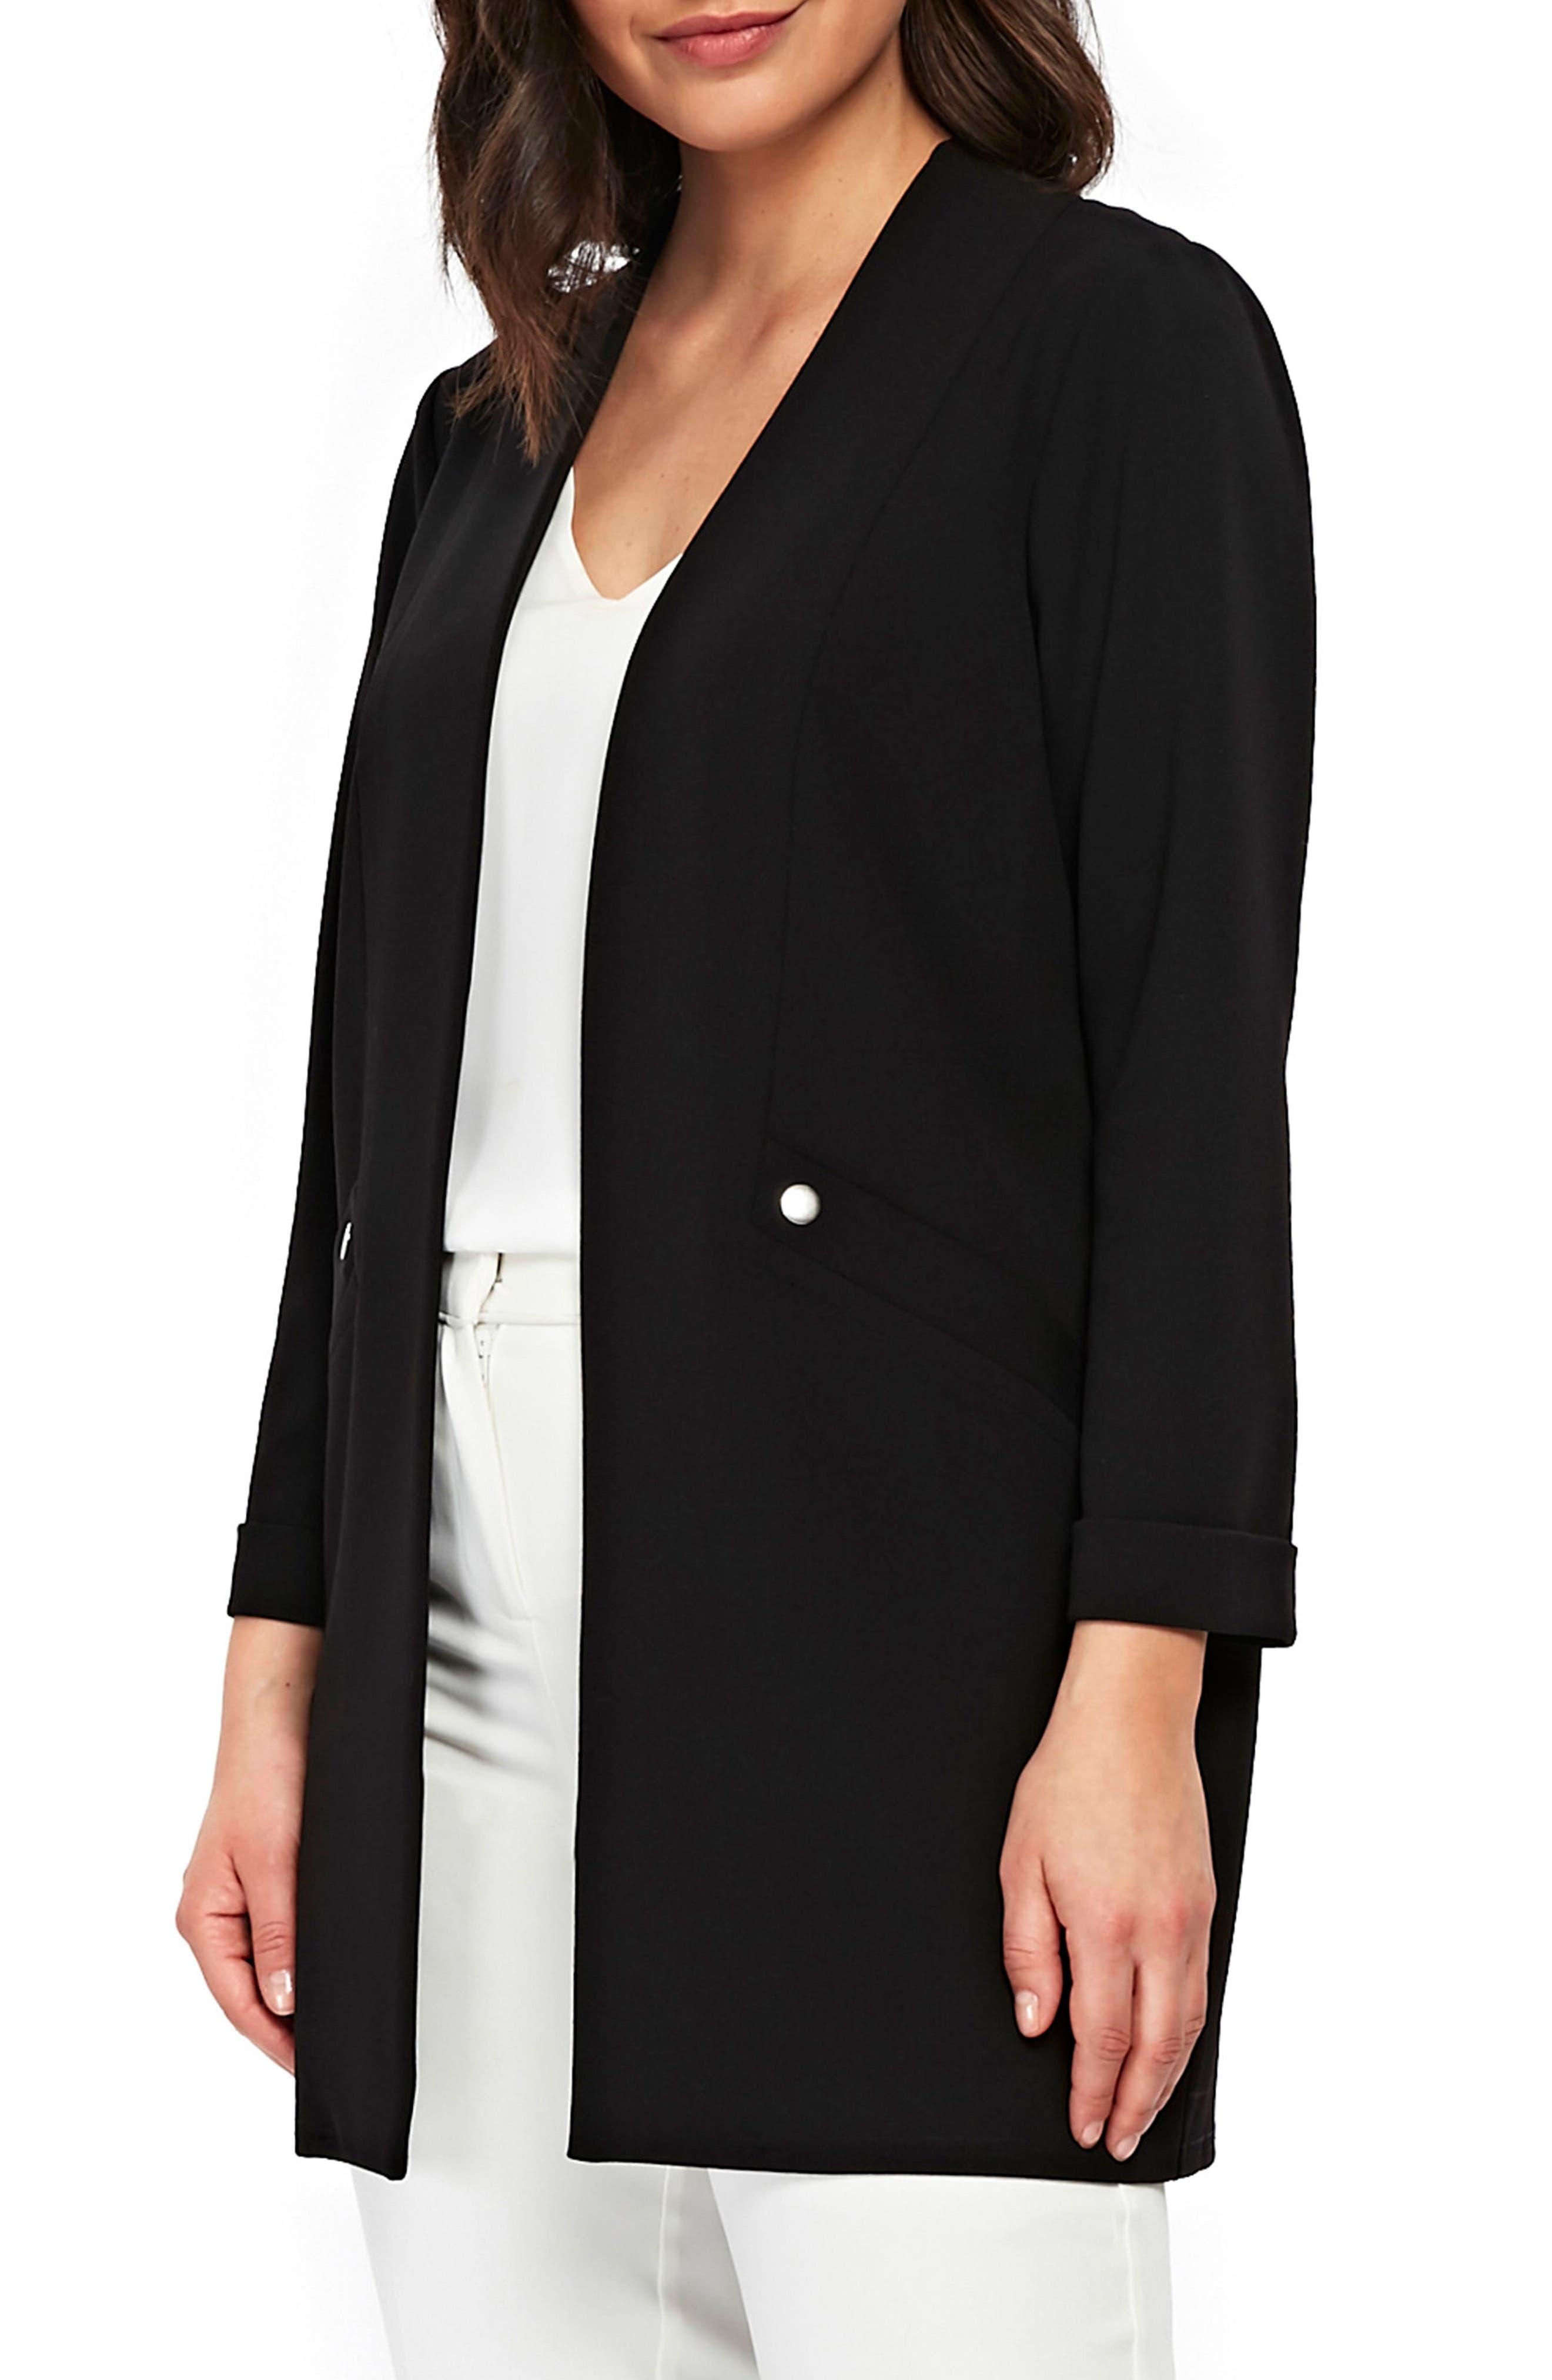 Popper Pocket Duster Jacket,                         Main,                         color, Black